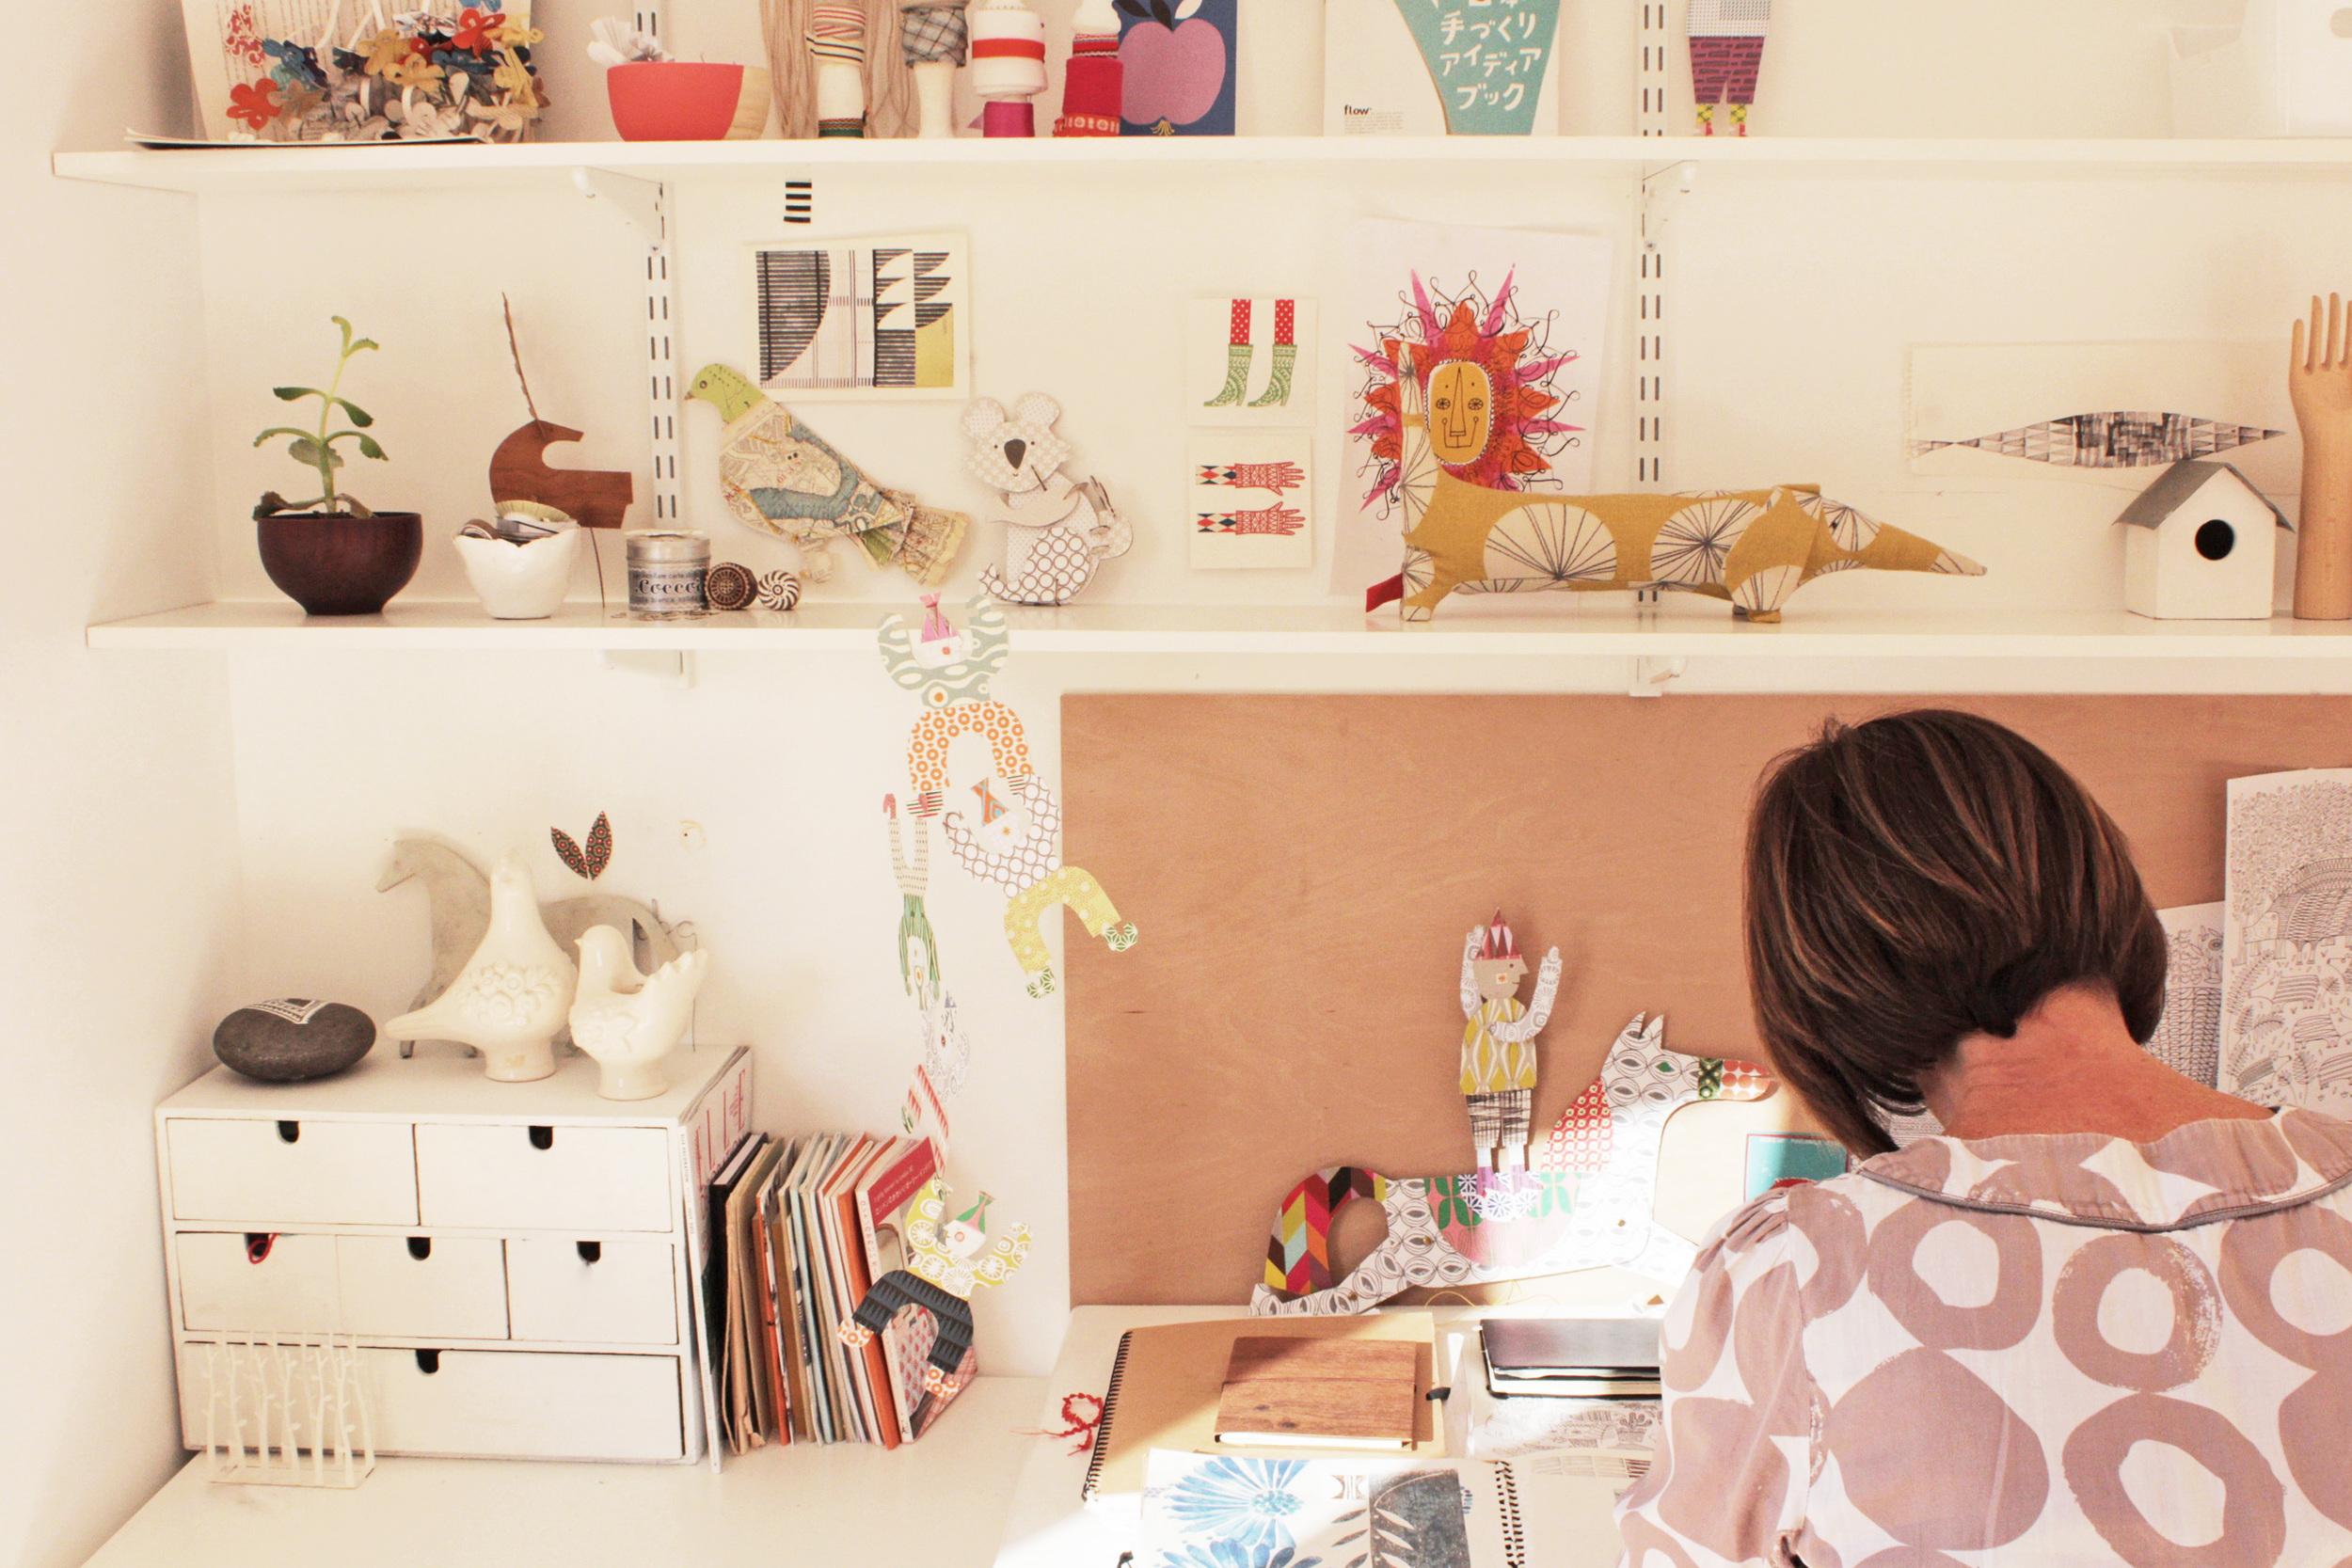 Clare at work in her garden studio